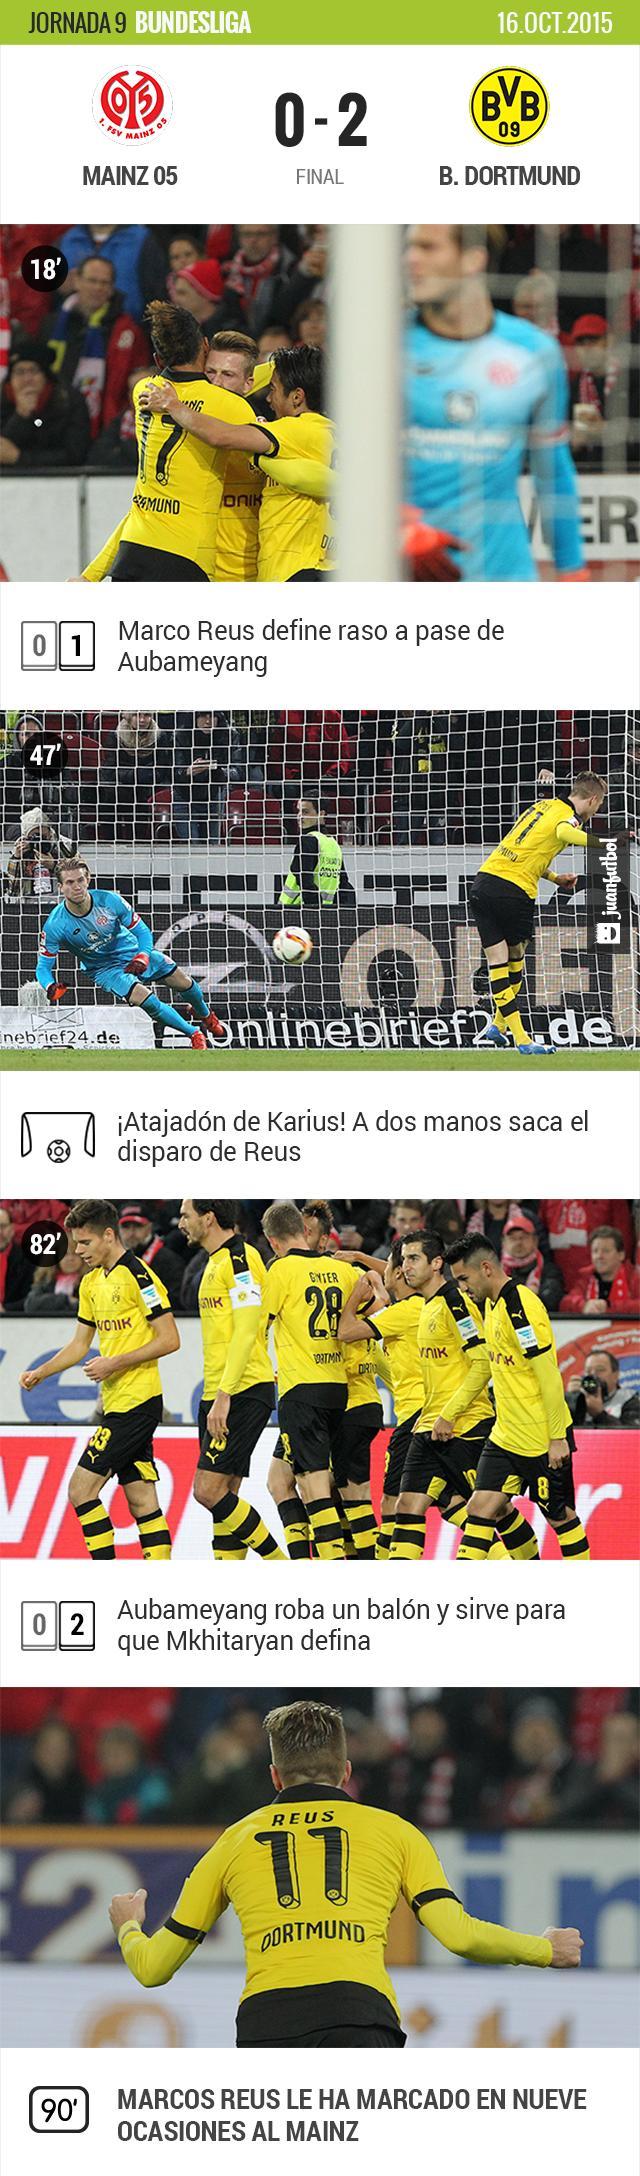 Borussia Dortmund vence 2-0 al Mainz 05 en la Bundesliga.